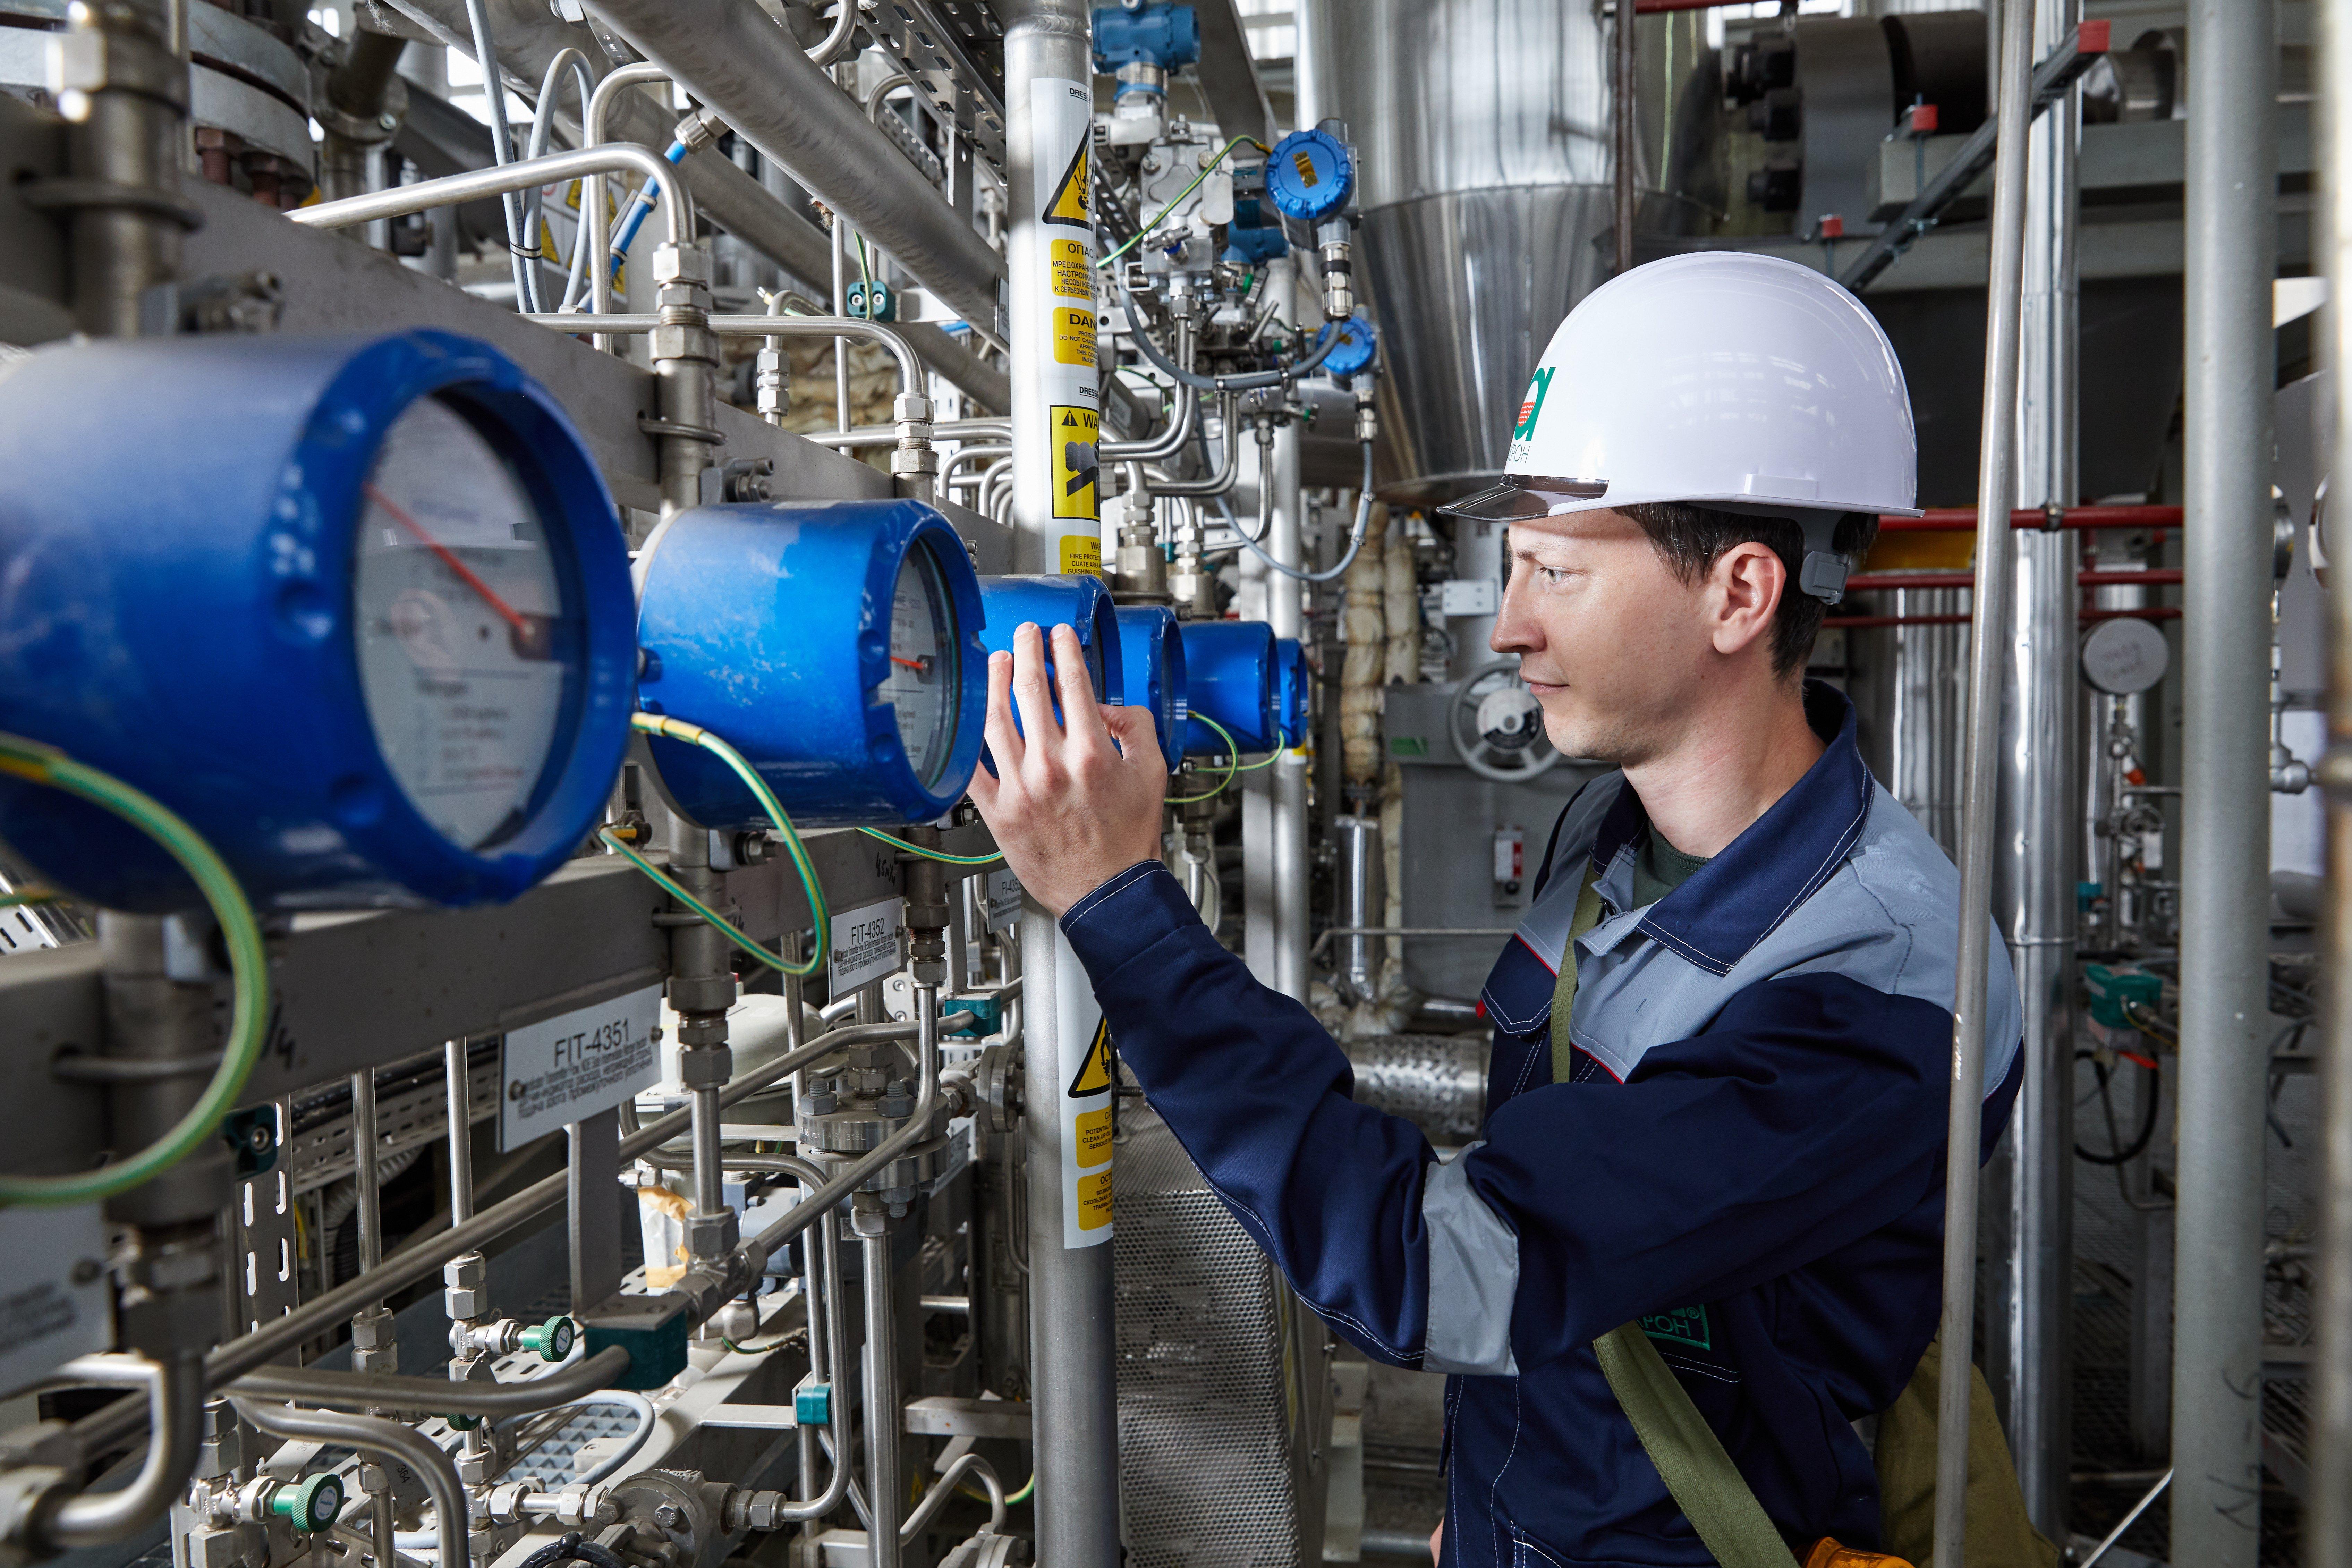 «Акрон» направил 640 млн рублей на реализацию мероприятий по охране труда и промышленной безопасности в рамках ESG-стратегии